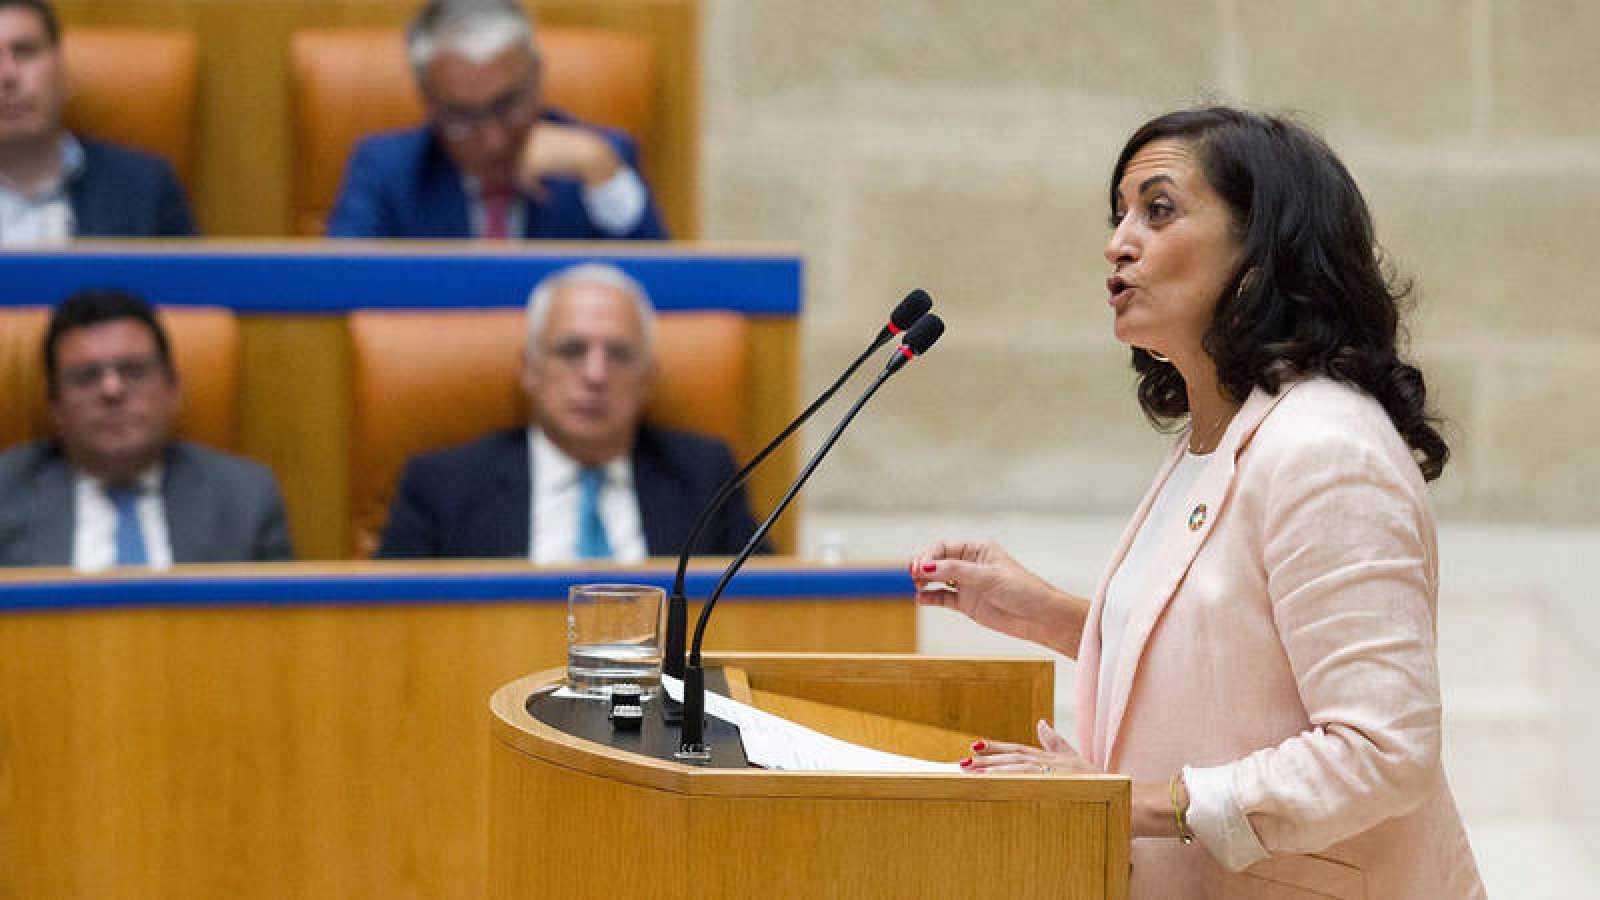 La candidata socialista a la Presidencia del Ejecutivo de La Rioja, ConchaAndreu, ha presentado este lunes su programa de Gobierno en la sesión de investidura que celebra el Parlamento regional. EFE/Raquel Manzanares